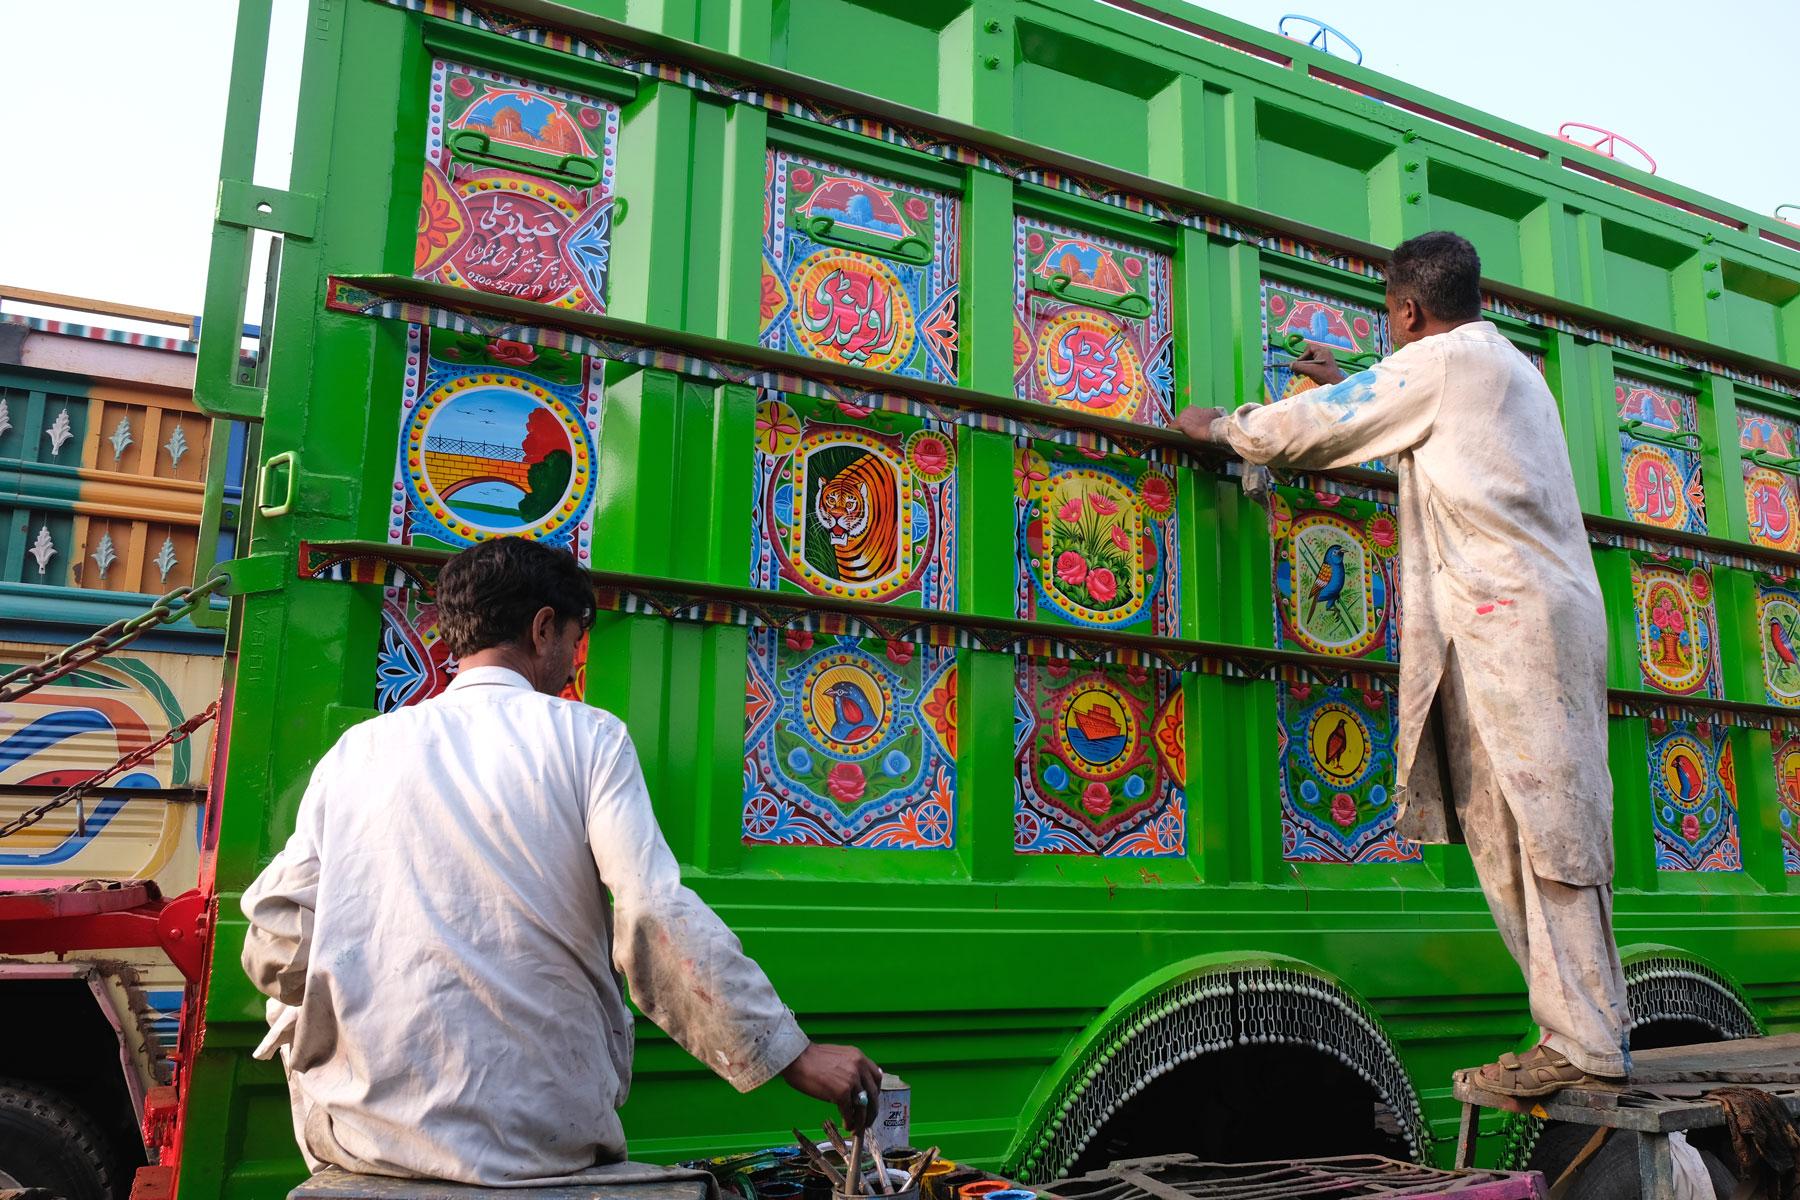 Zwei pakistanische Männer bemalen einen Lastwagen in Rawalpindi.